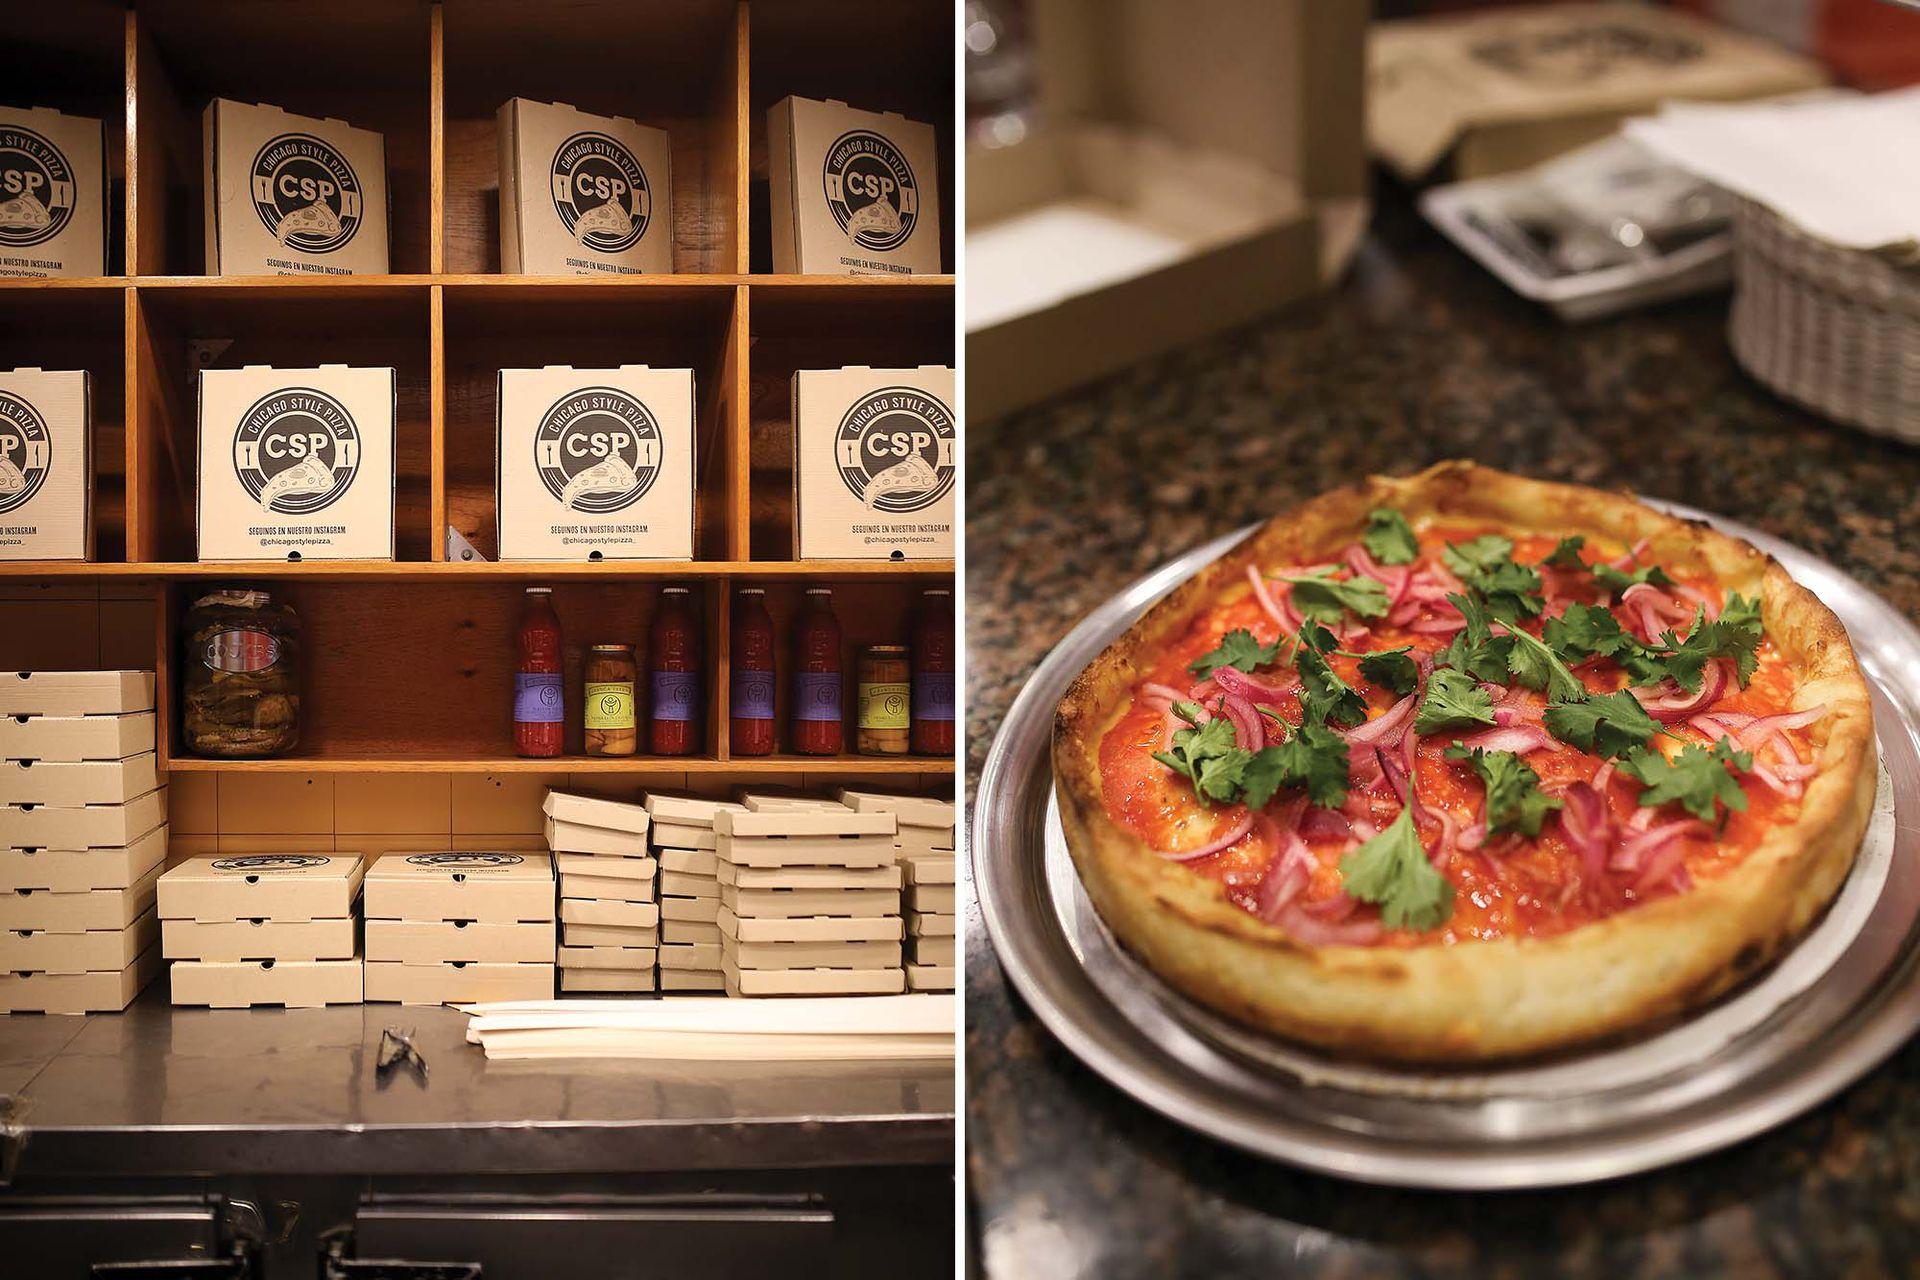 La pizza chicagüense tiene bordes altos, toppings en exceso –suele llevar hasta 1 kilo de muzarella– y masa gruesa.